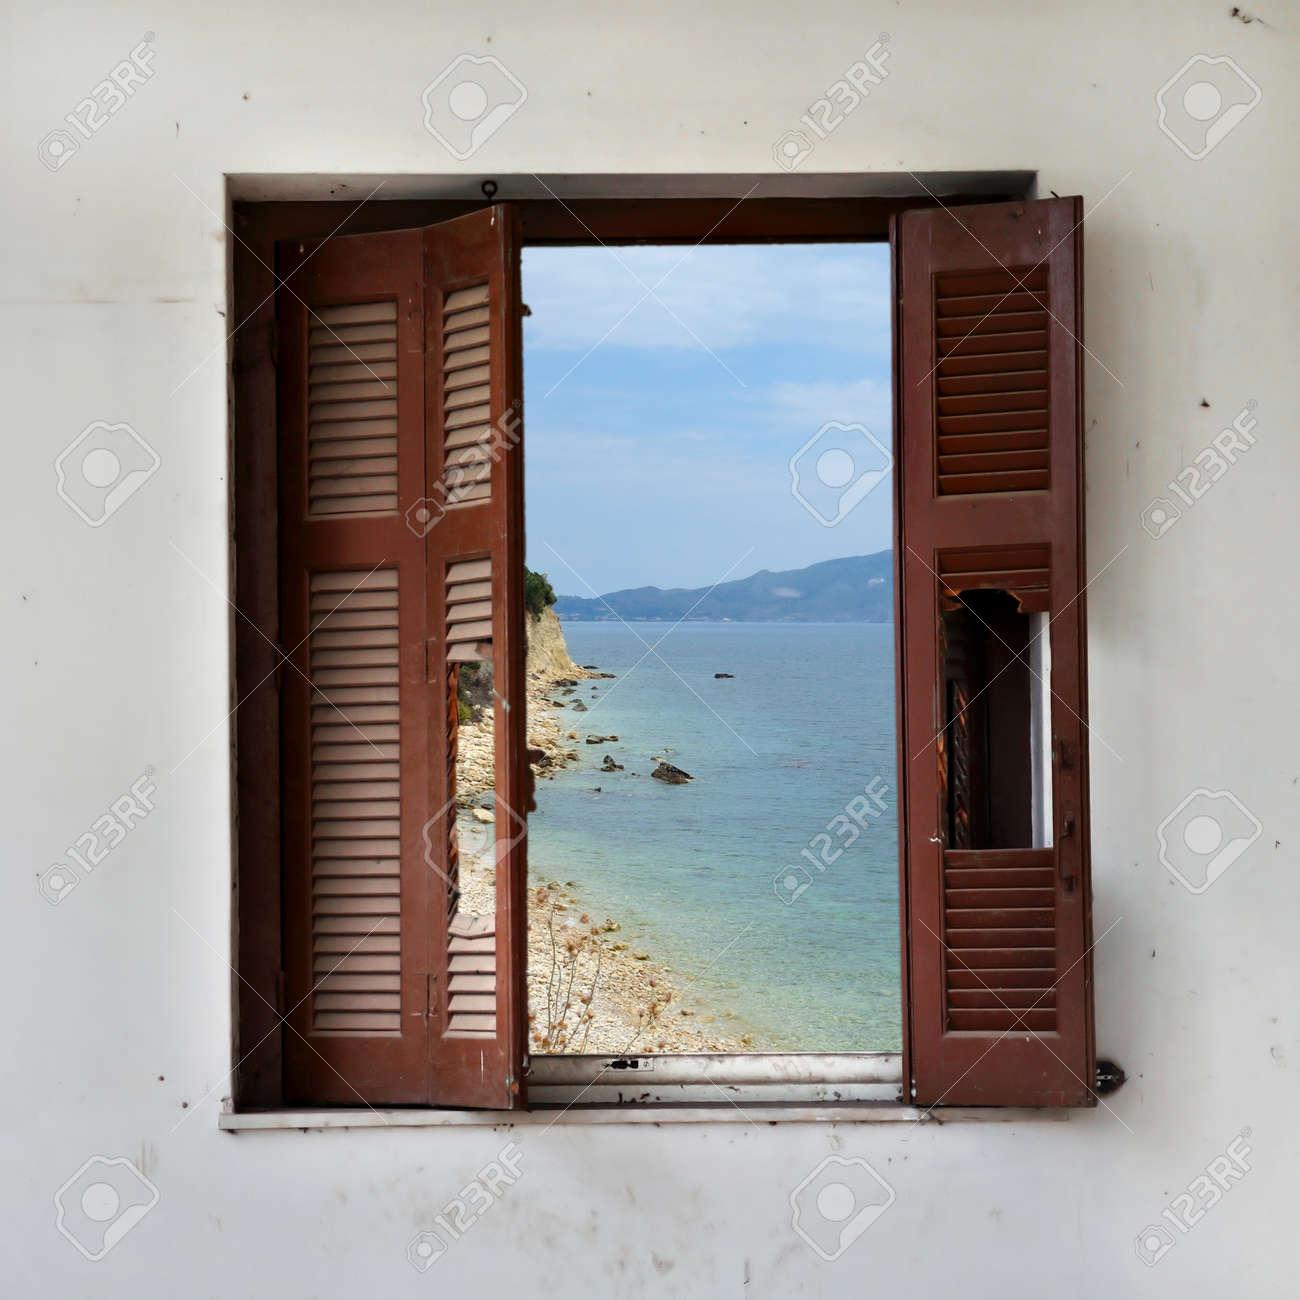 Vista Del Paisaje De La Playa A Través De Marco De La Ventana Rota ...